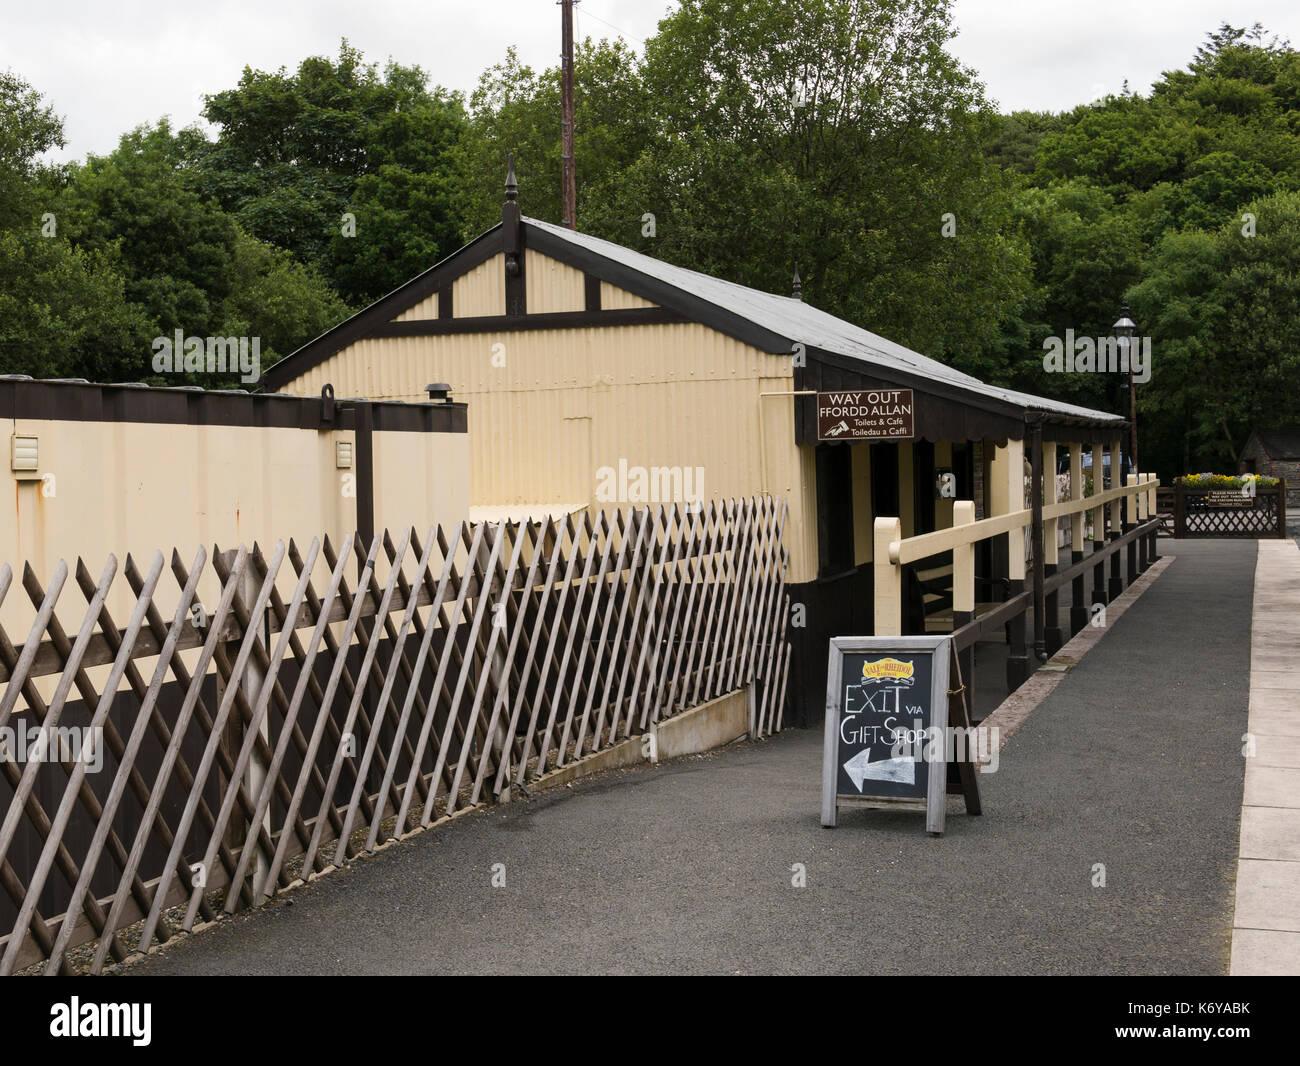 Devil's Bridge train station, Pontarfynach, Aberystwyth, Wales, UK. - Stock Image